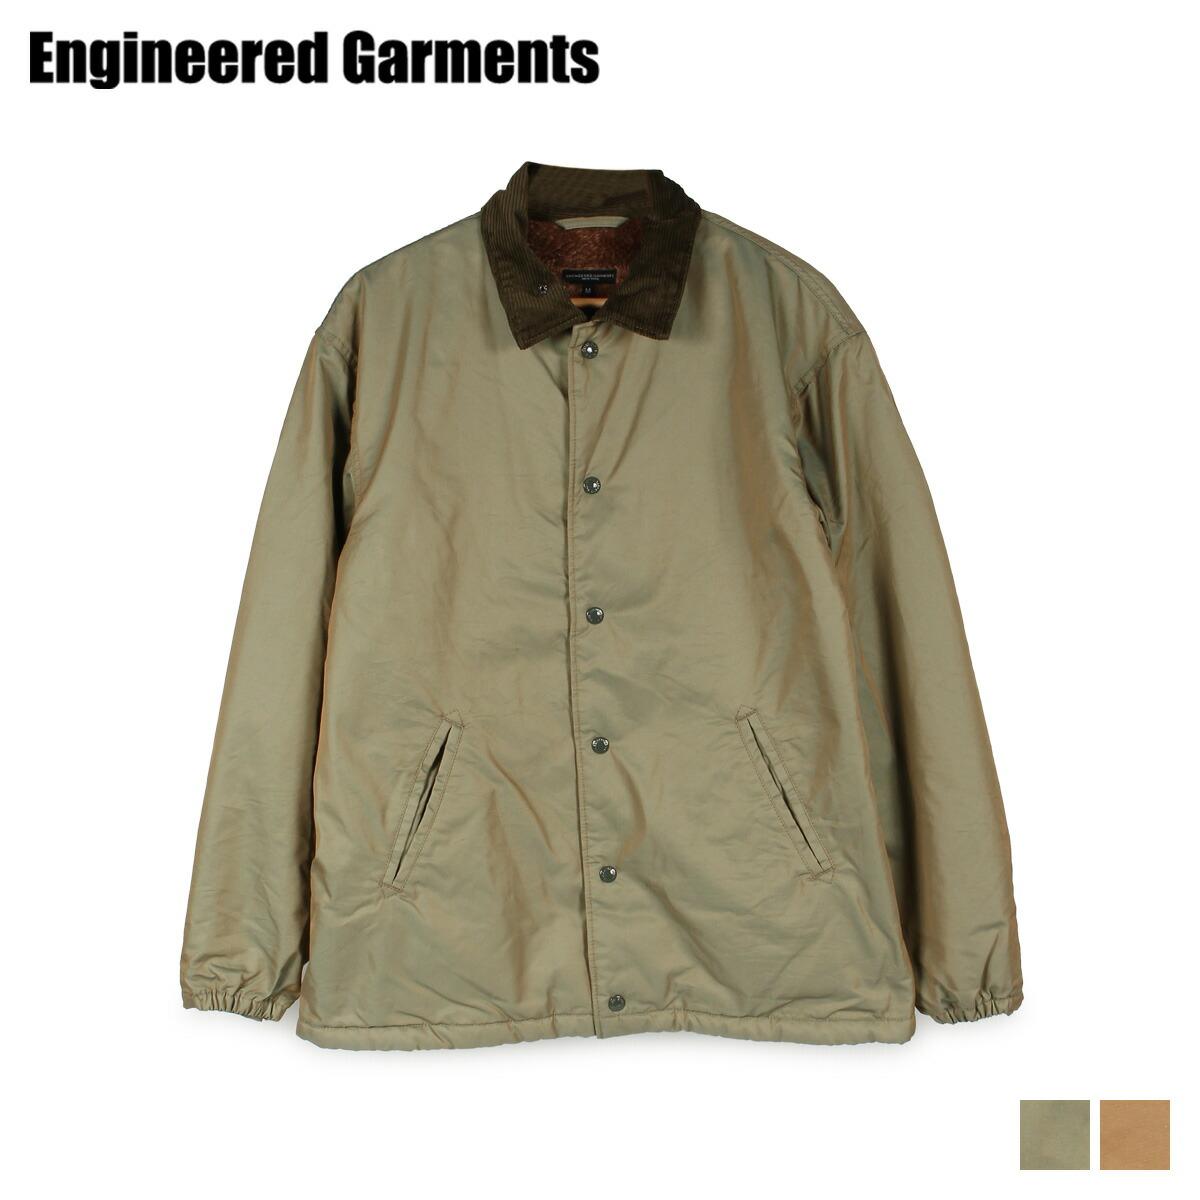 【最大2000円OFFクーポン】 エンジニアドガーメンツ ENGINEERED GARMENTS ジャケット メンズ GROUND JACKET オリーブ オレンジ 19FD017-T